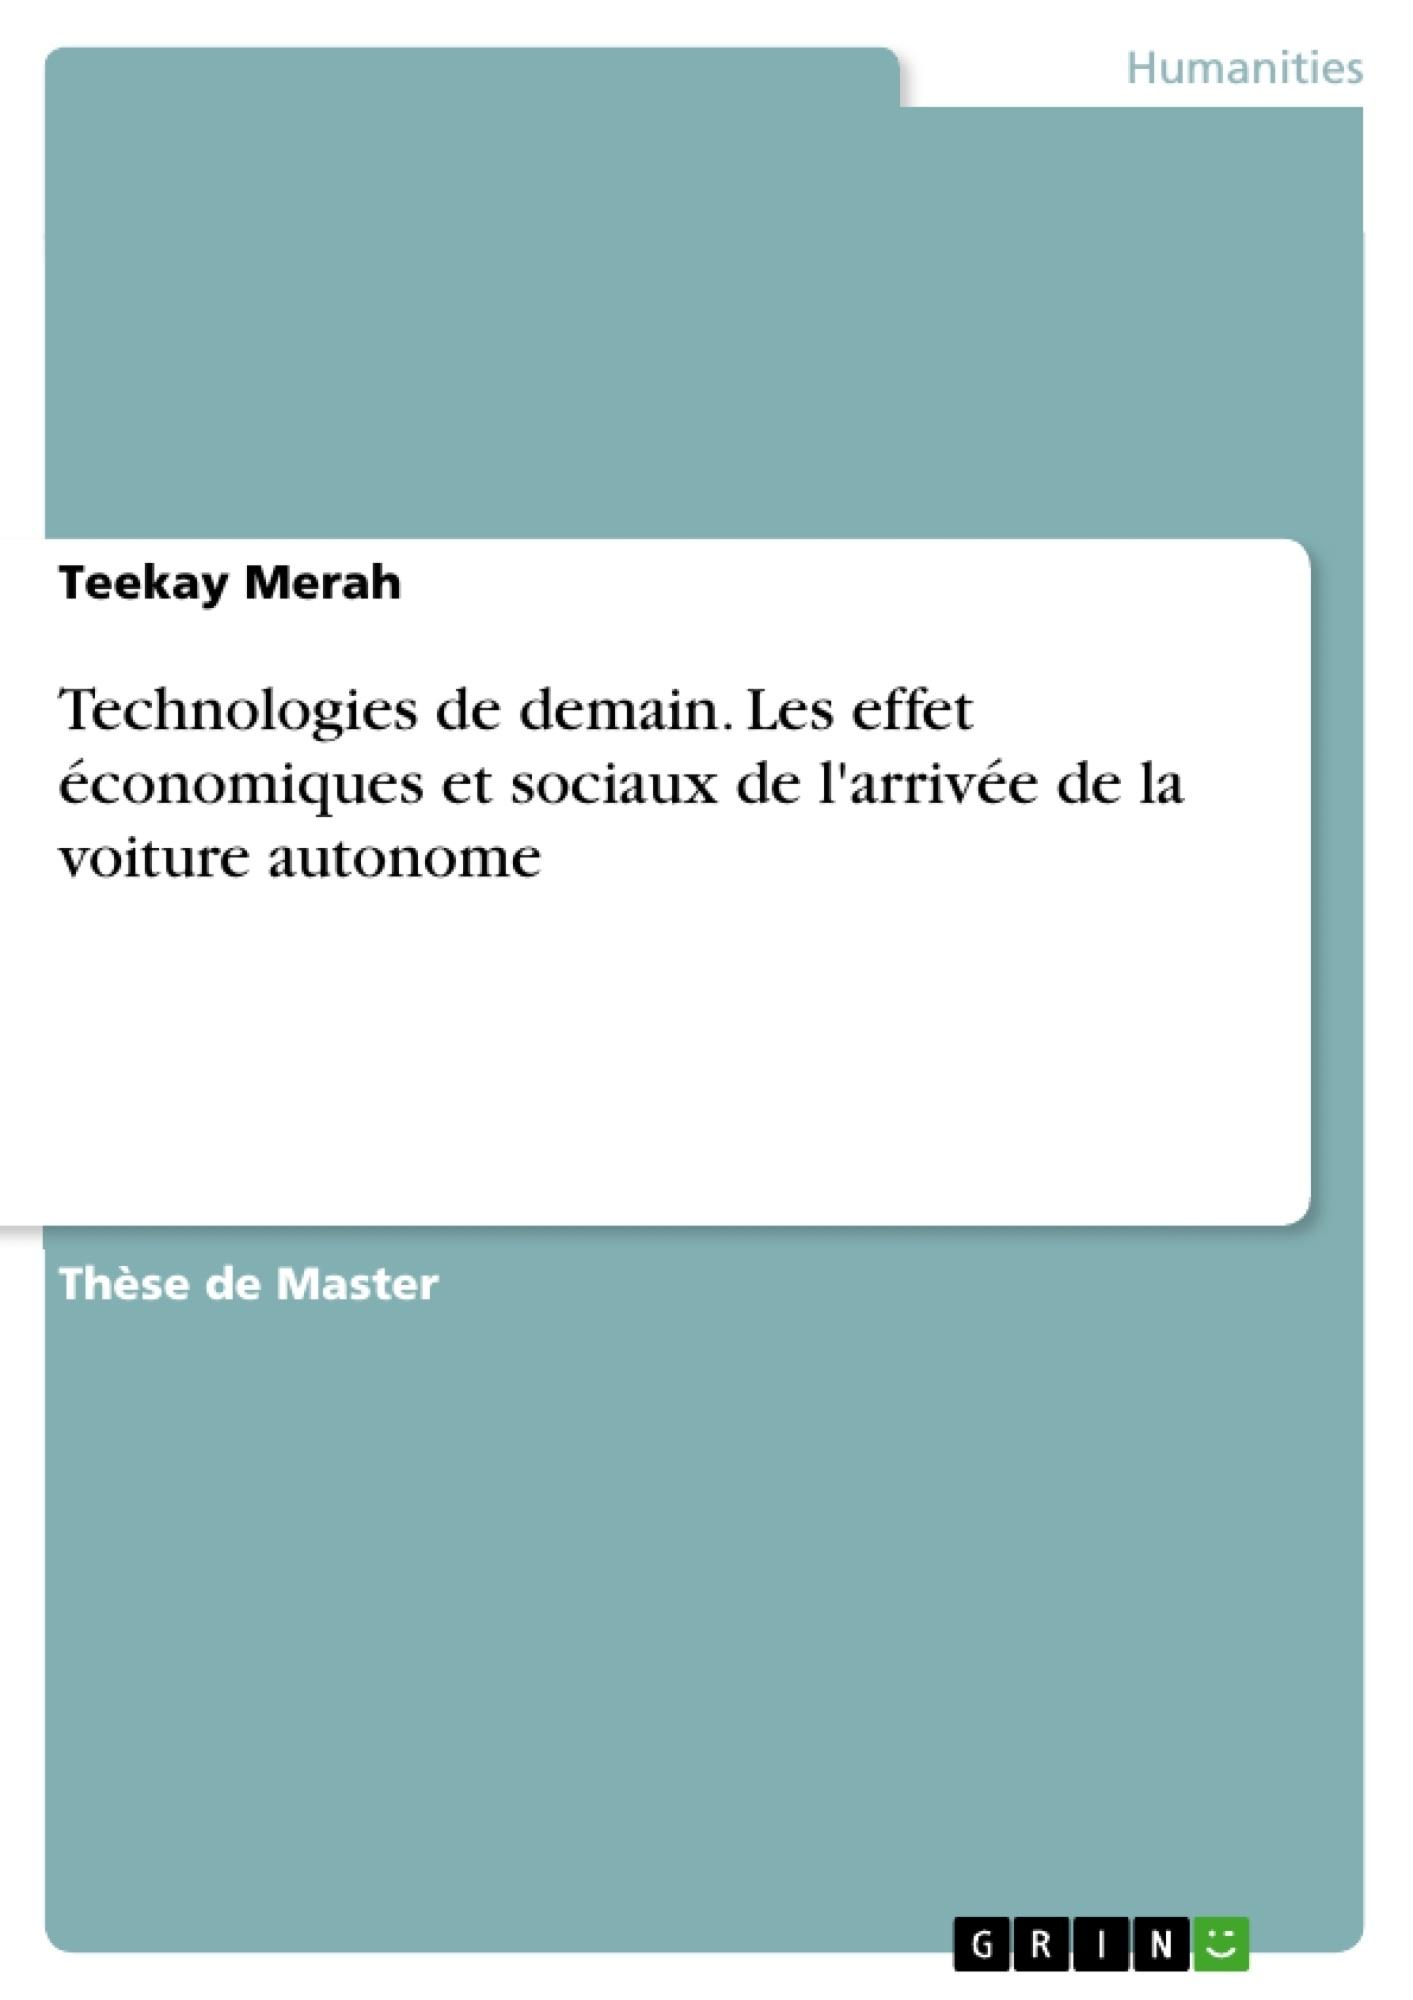 Titre: Technologies de demain. Les effet économiques et sociaux de l'arrivée de la voiture autonome